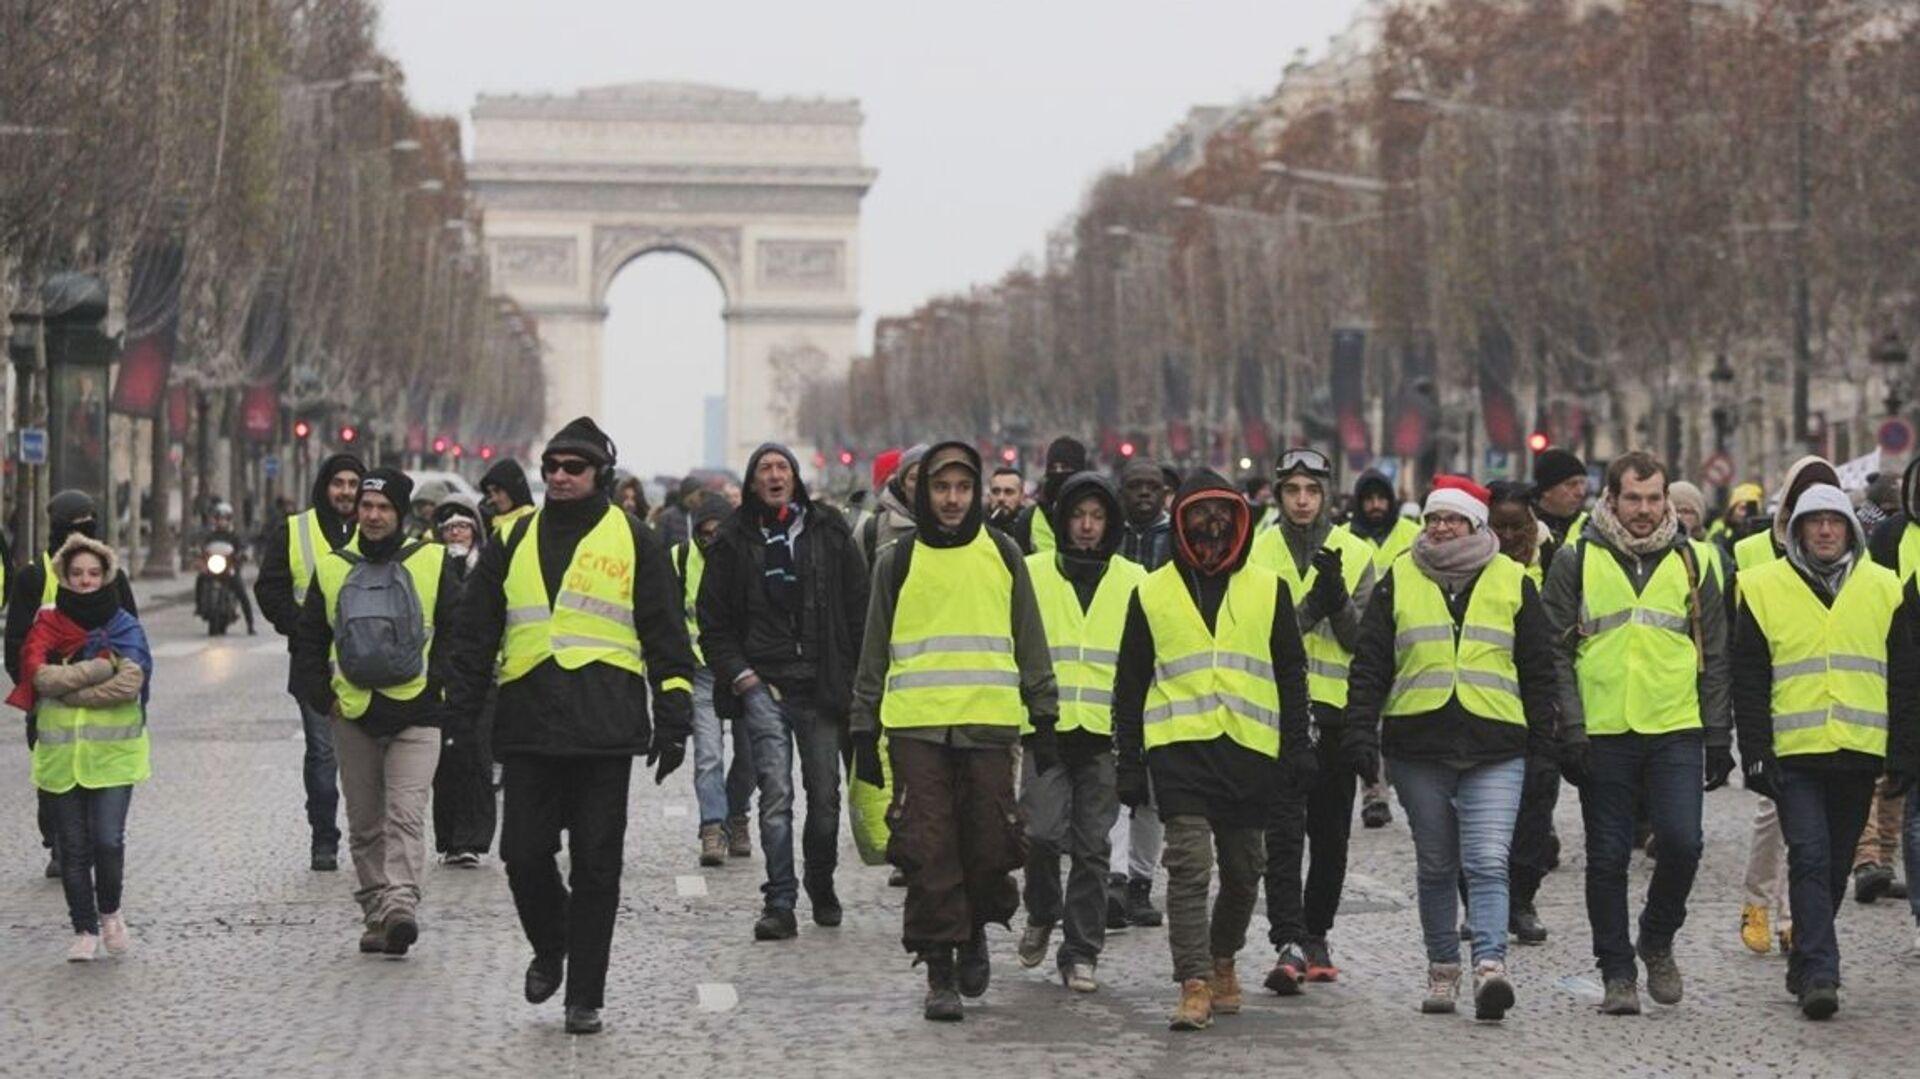 Демонстрация движения желтые жилеты в Париже, Франция. 15 декабря 2018 - РИА Новости, 1920, 01.05.2021